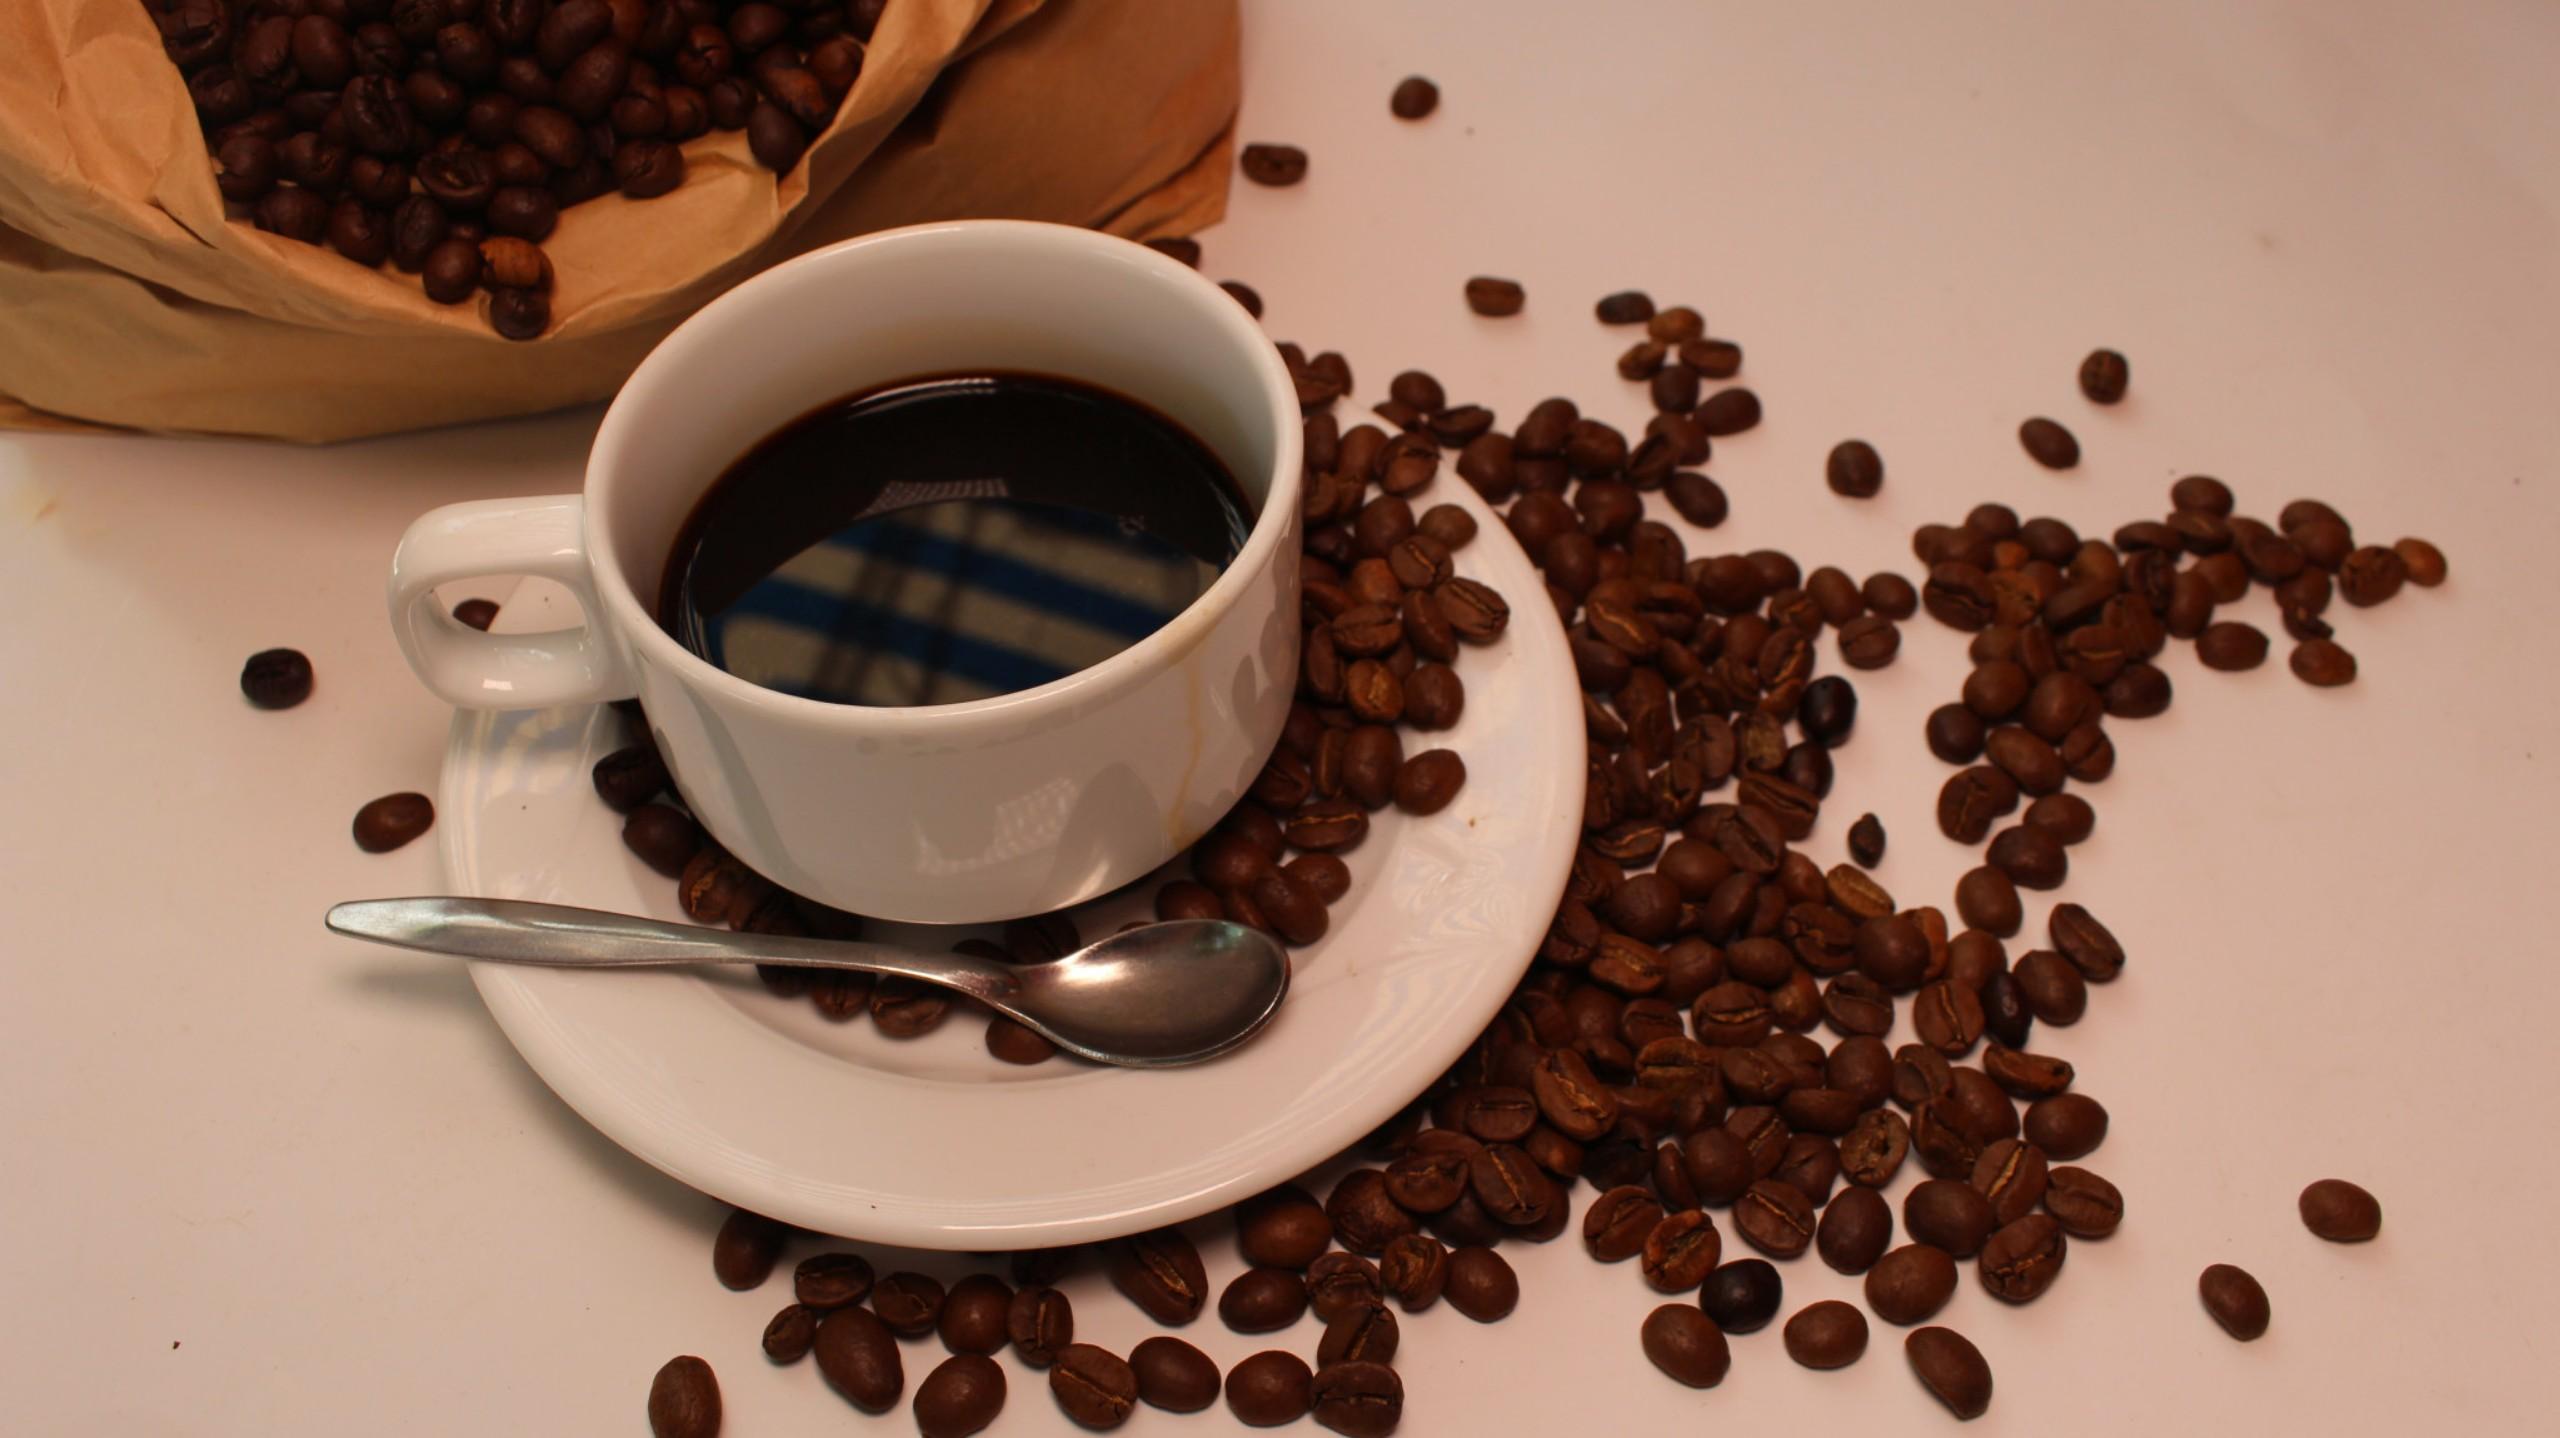 Phân loại hạt cà phê nguyên chất làm tăng chất lượng của ly cà phê nguyên chất